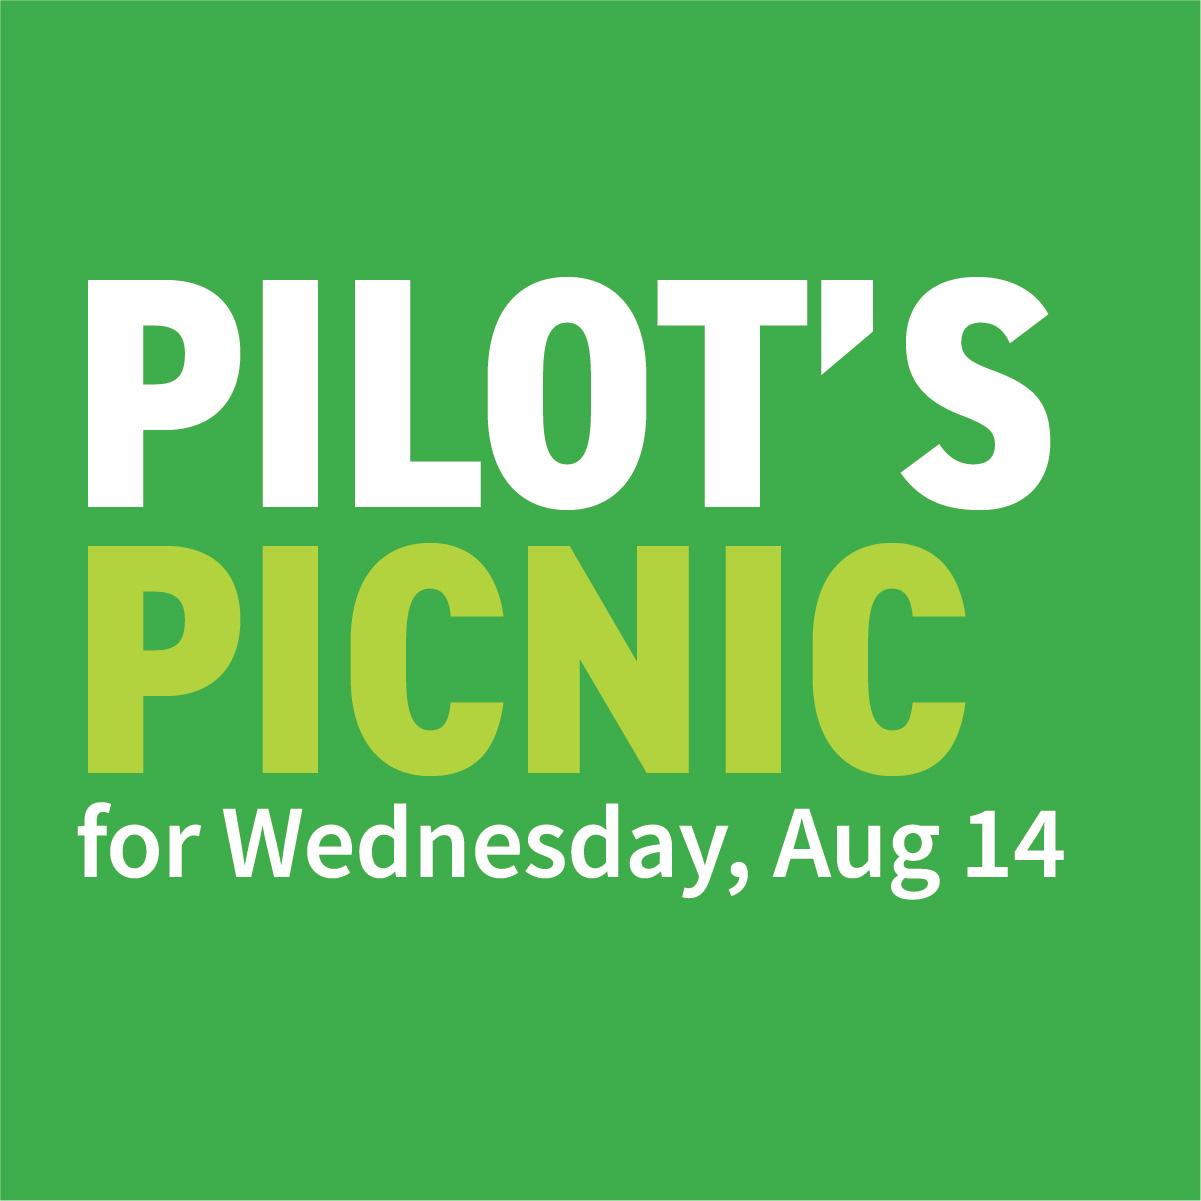 Pilot's Picnic (August 14)